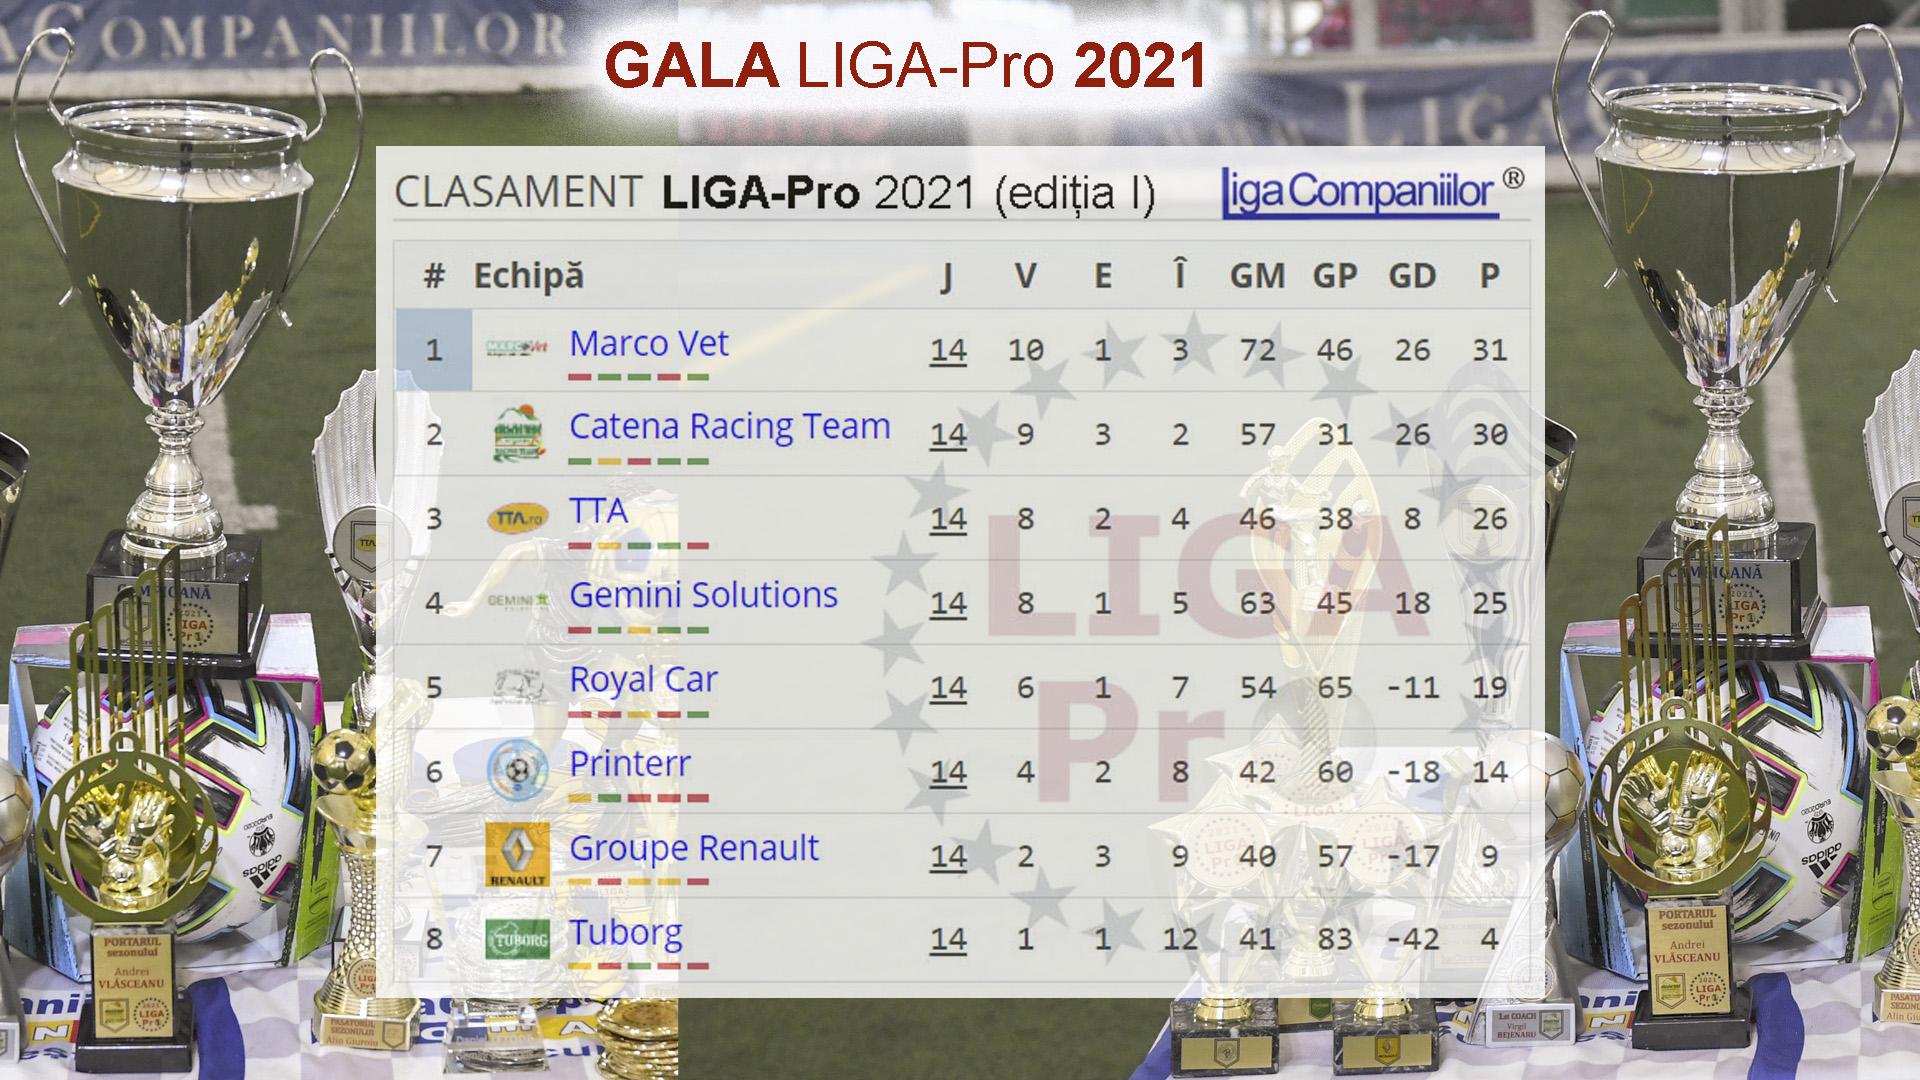 """Reflectoarele """"GALA LIGA-Pro 2021"""" au fost îndreptate către Marco Vet și Catena"""